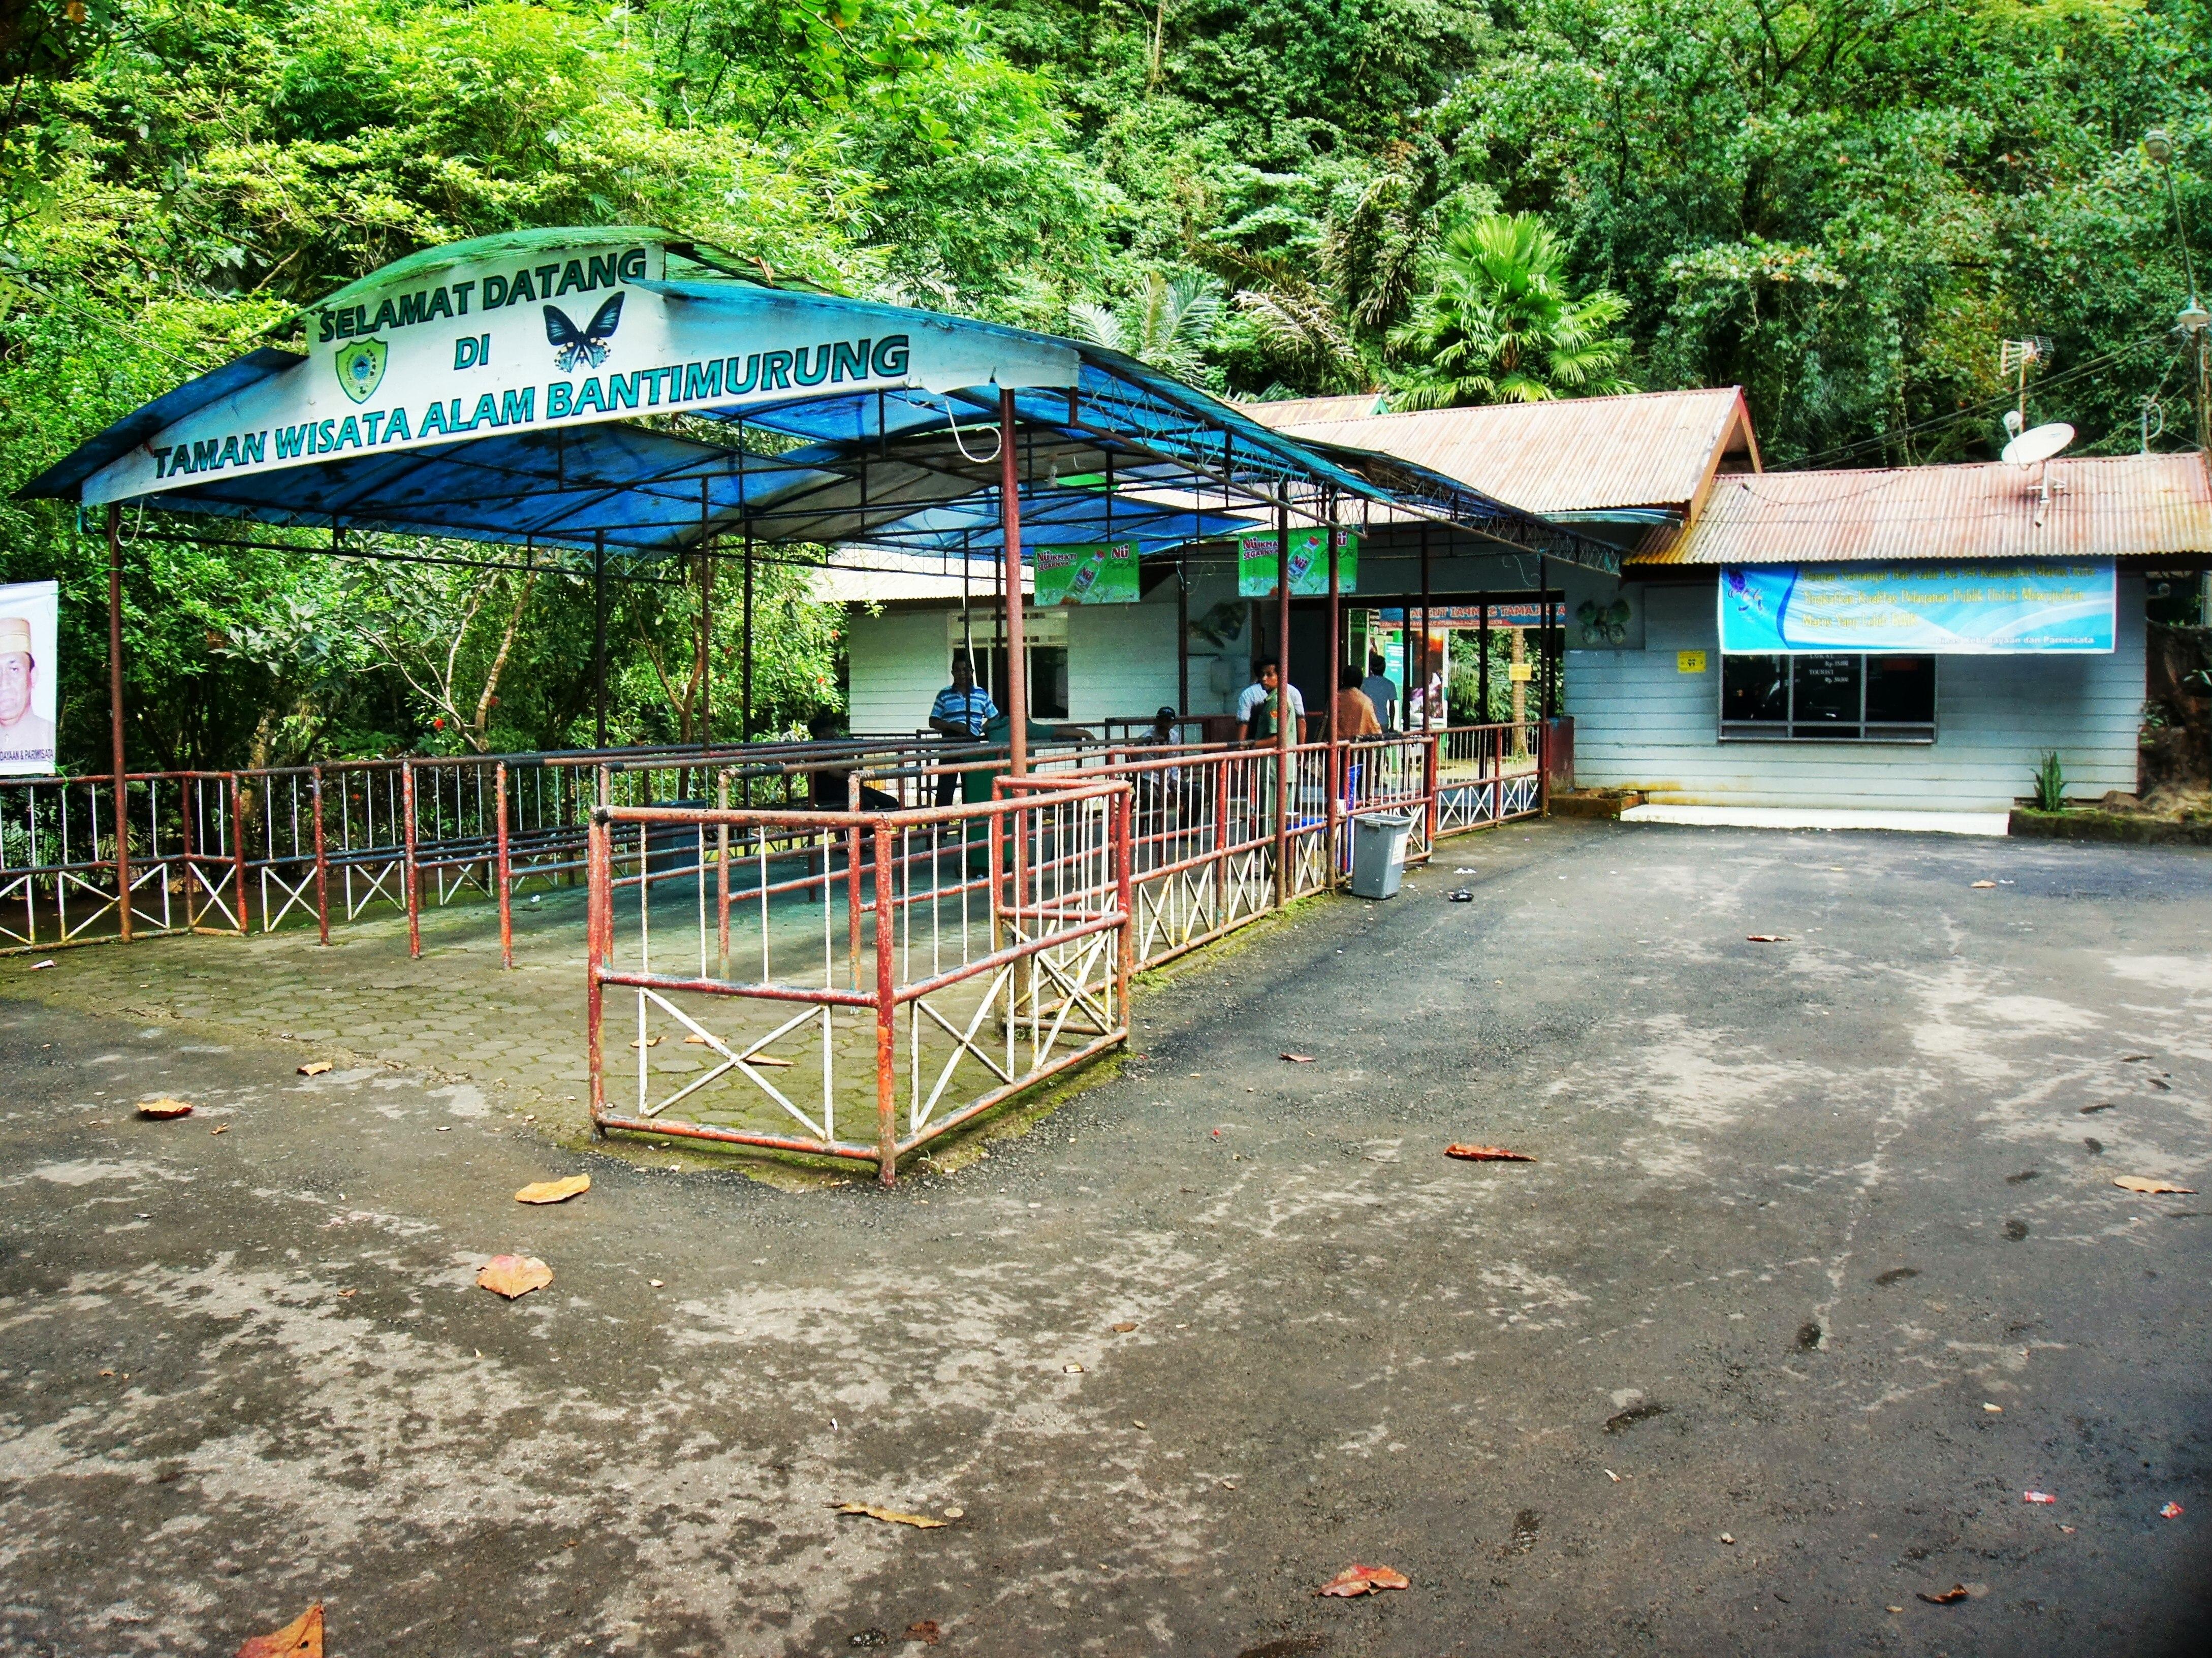 Entrance to Bantimurung.